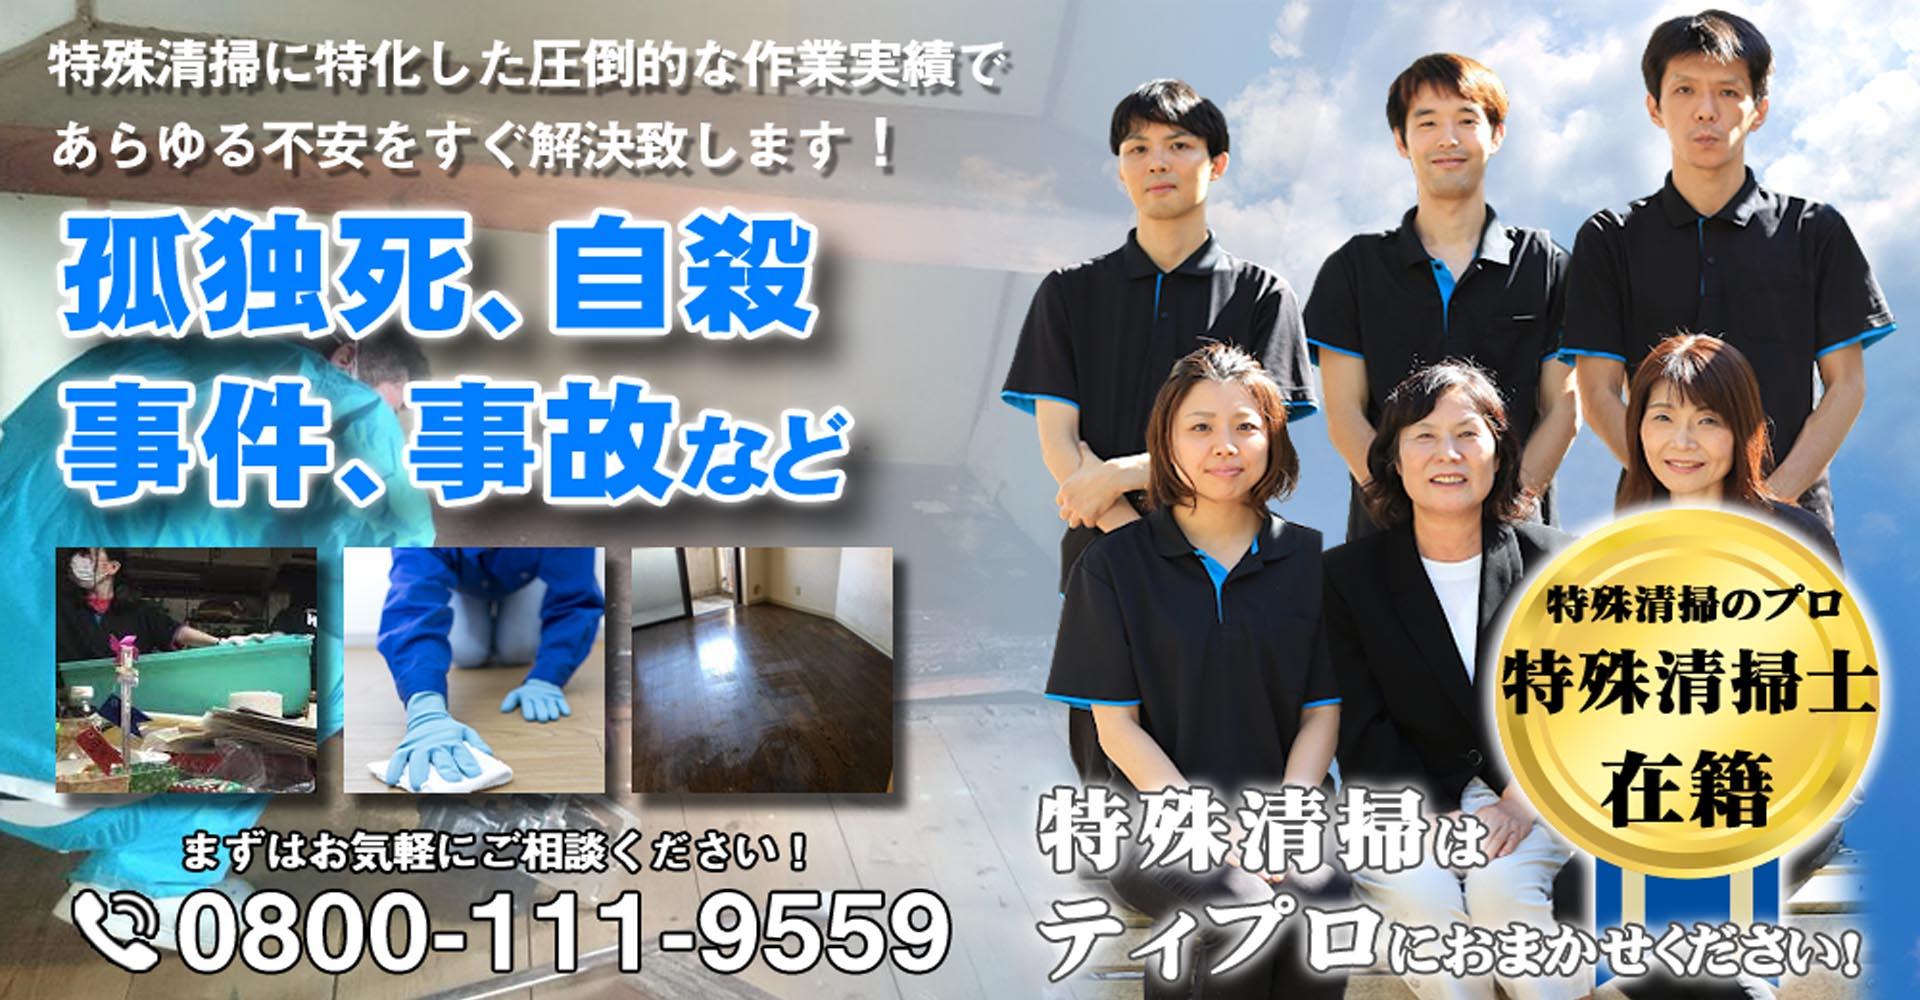 広島の特殊清掃